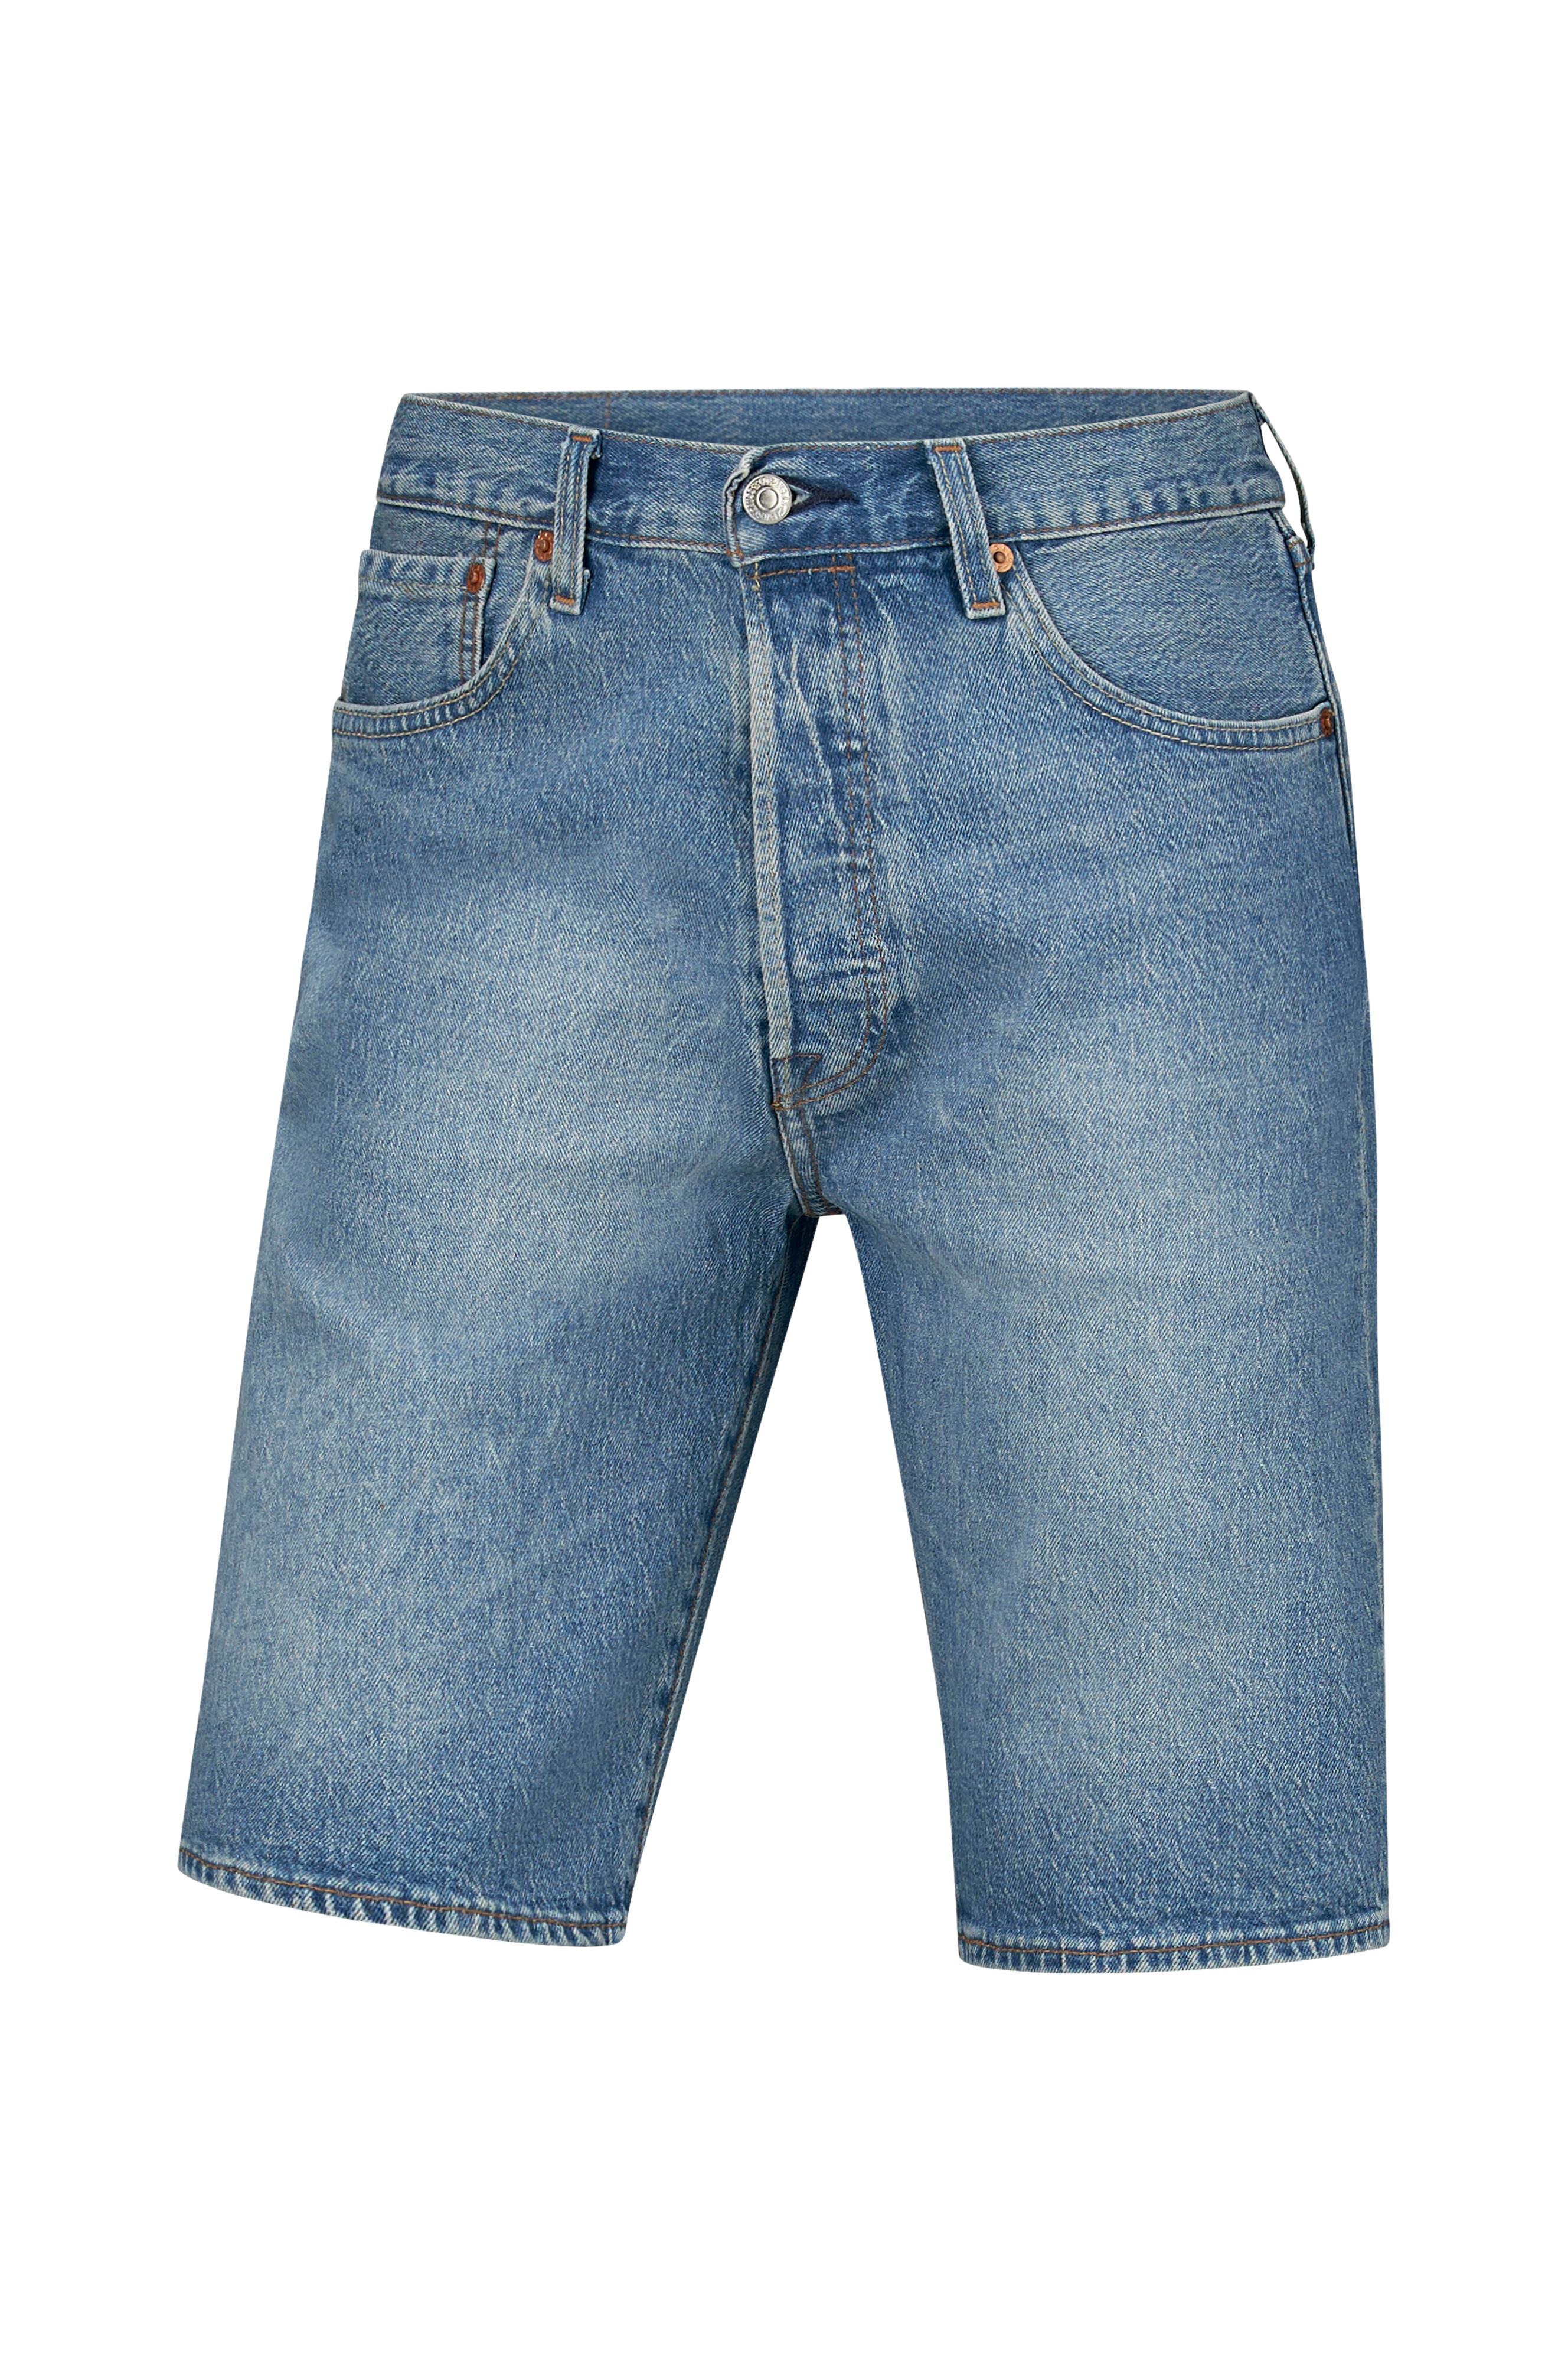 Levi s Jeansshorts 501 Hemmed Short Baywater - Blå - Herr - Ellos.se 0d73e6518323e